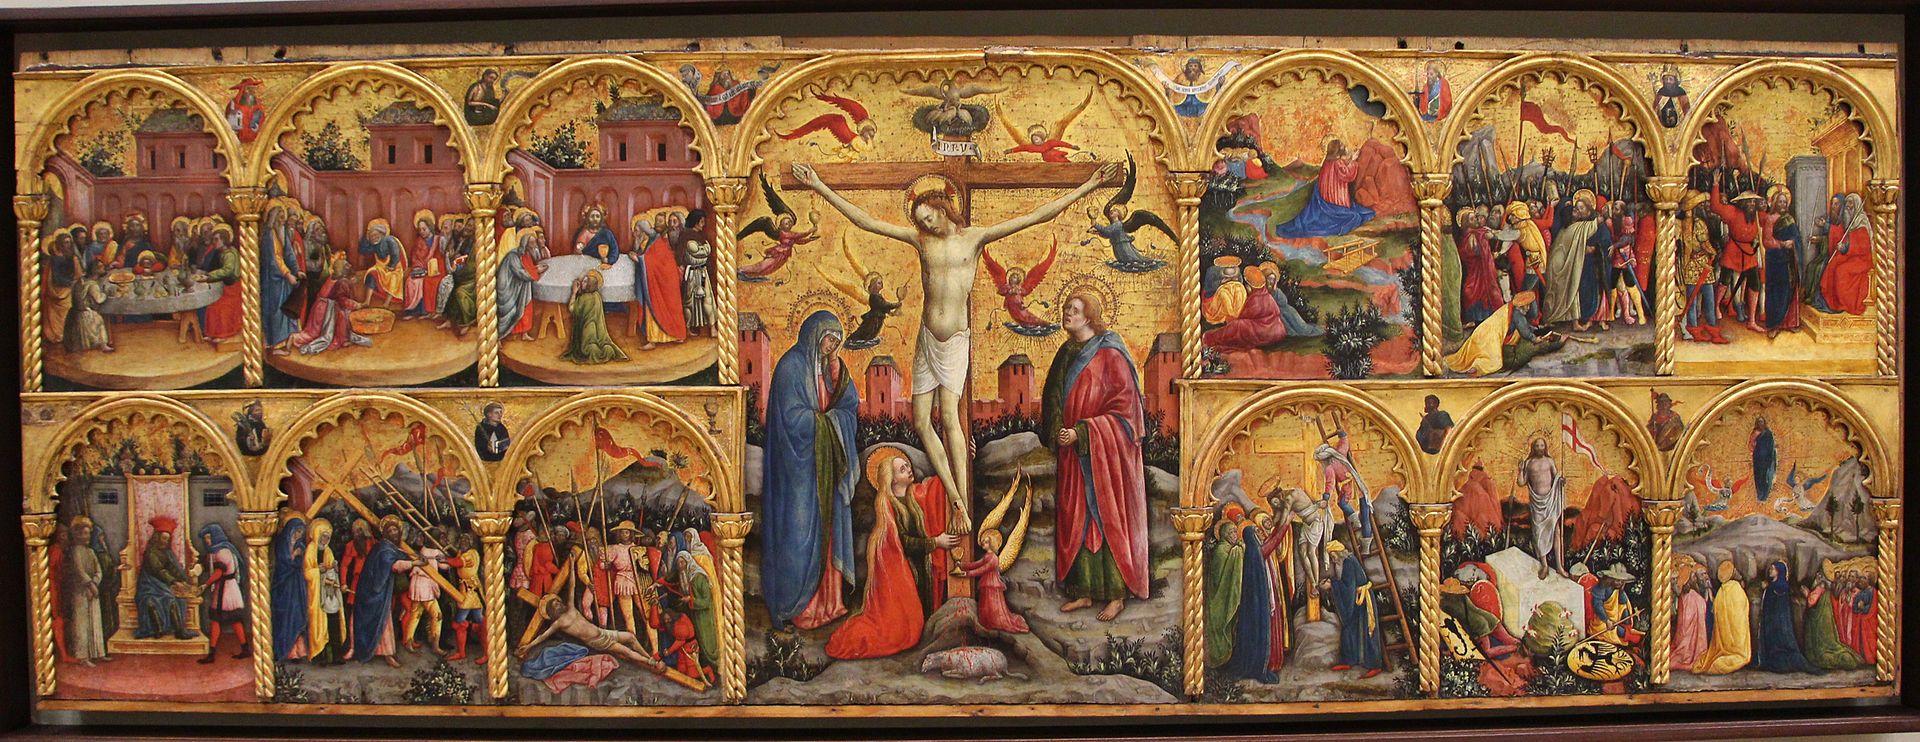 412. Antonio Vivarini - Polittico della passione di Cristo - 1430-35 - Venezia, Ca' d'oro